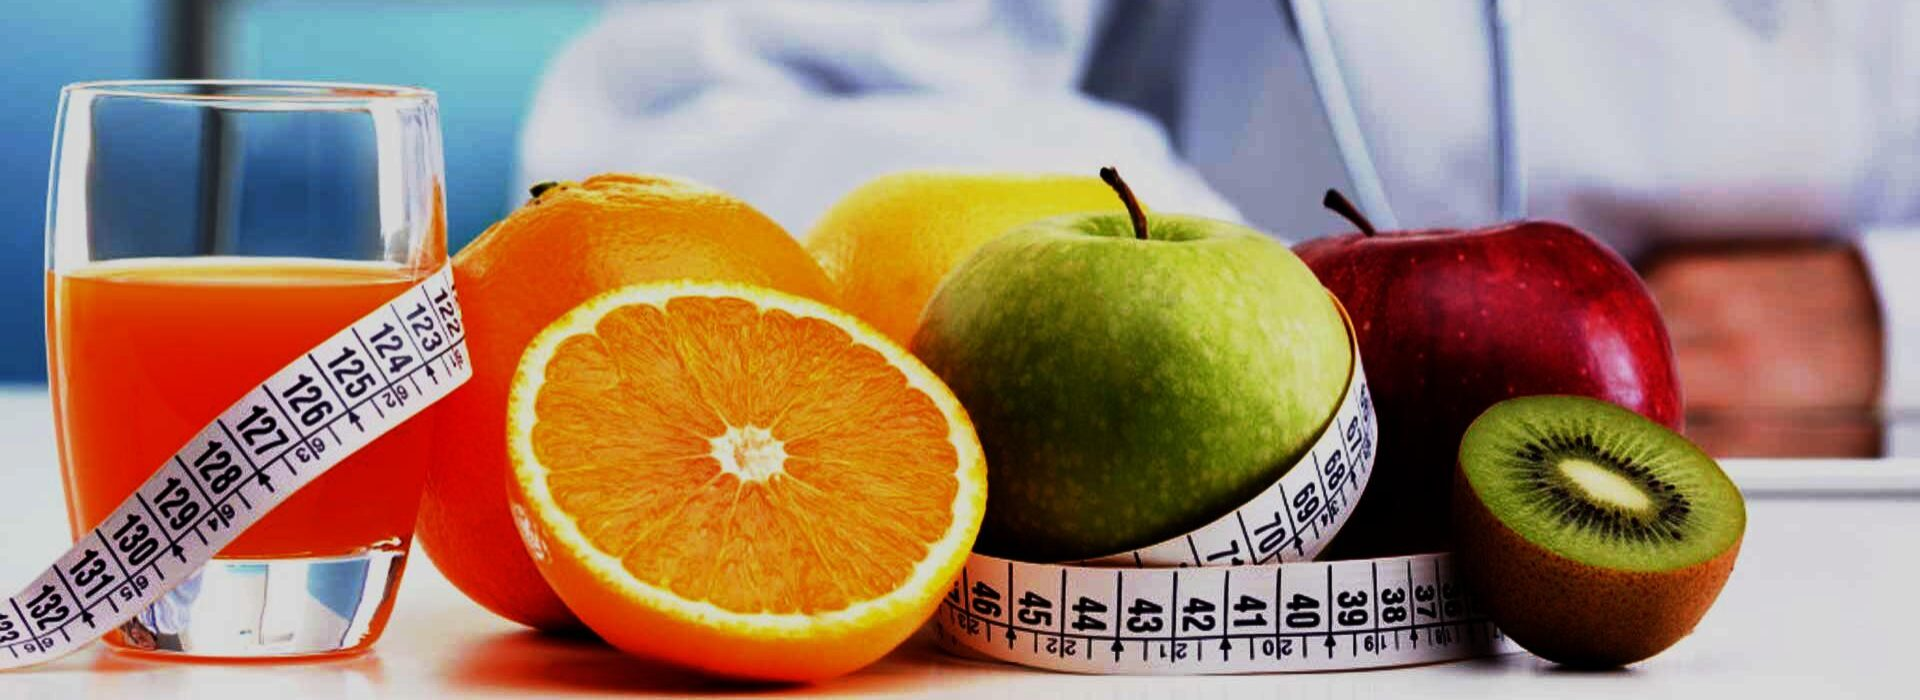 Marcia Fraga | Nutricionista